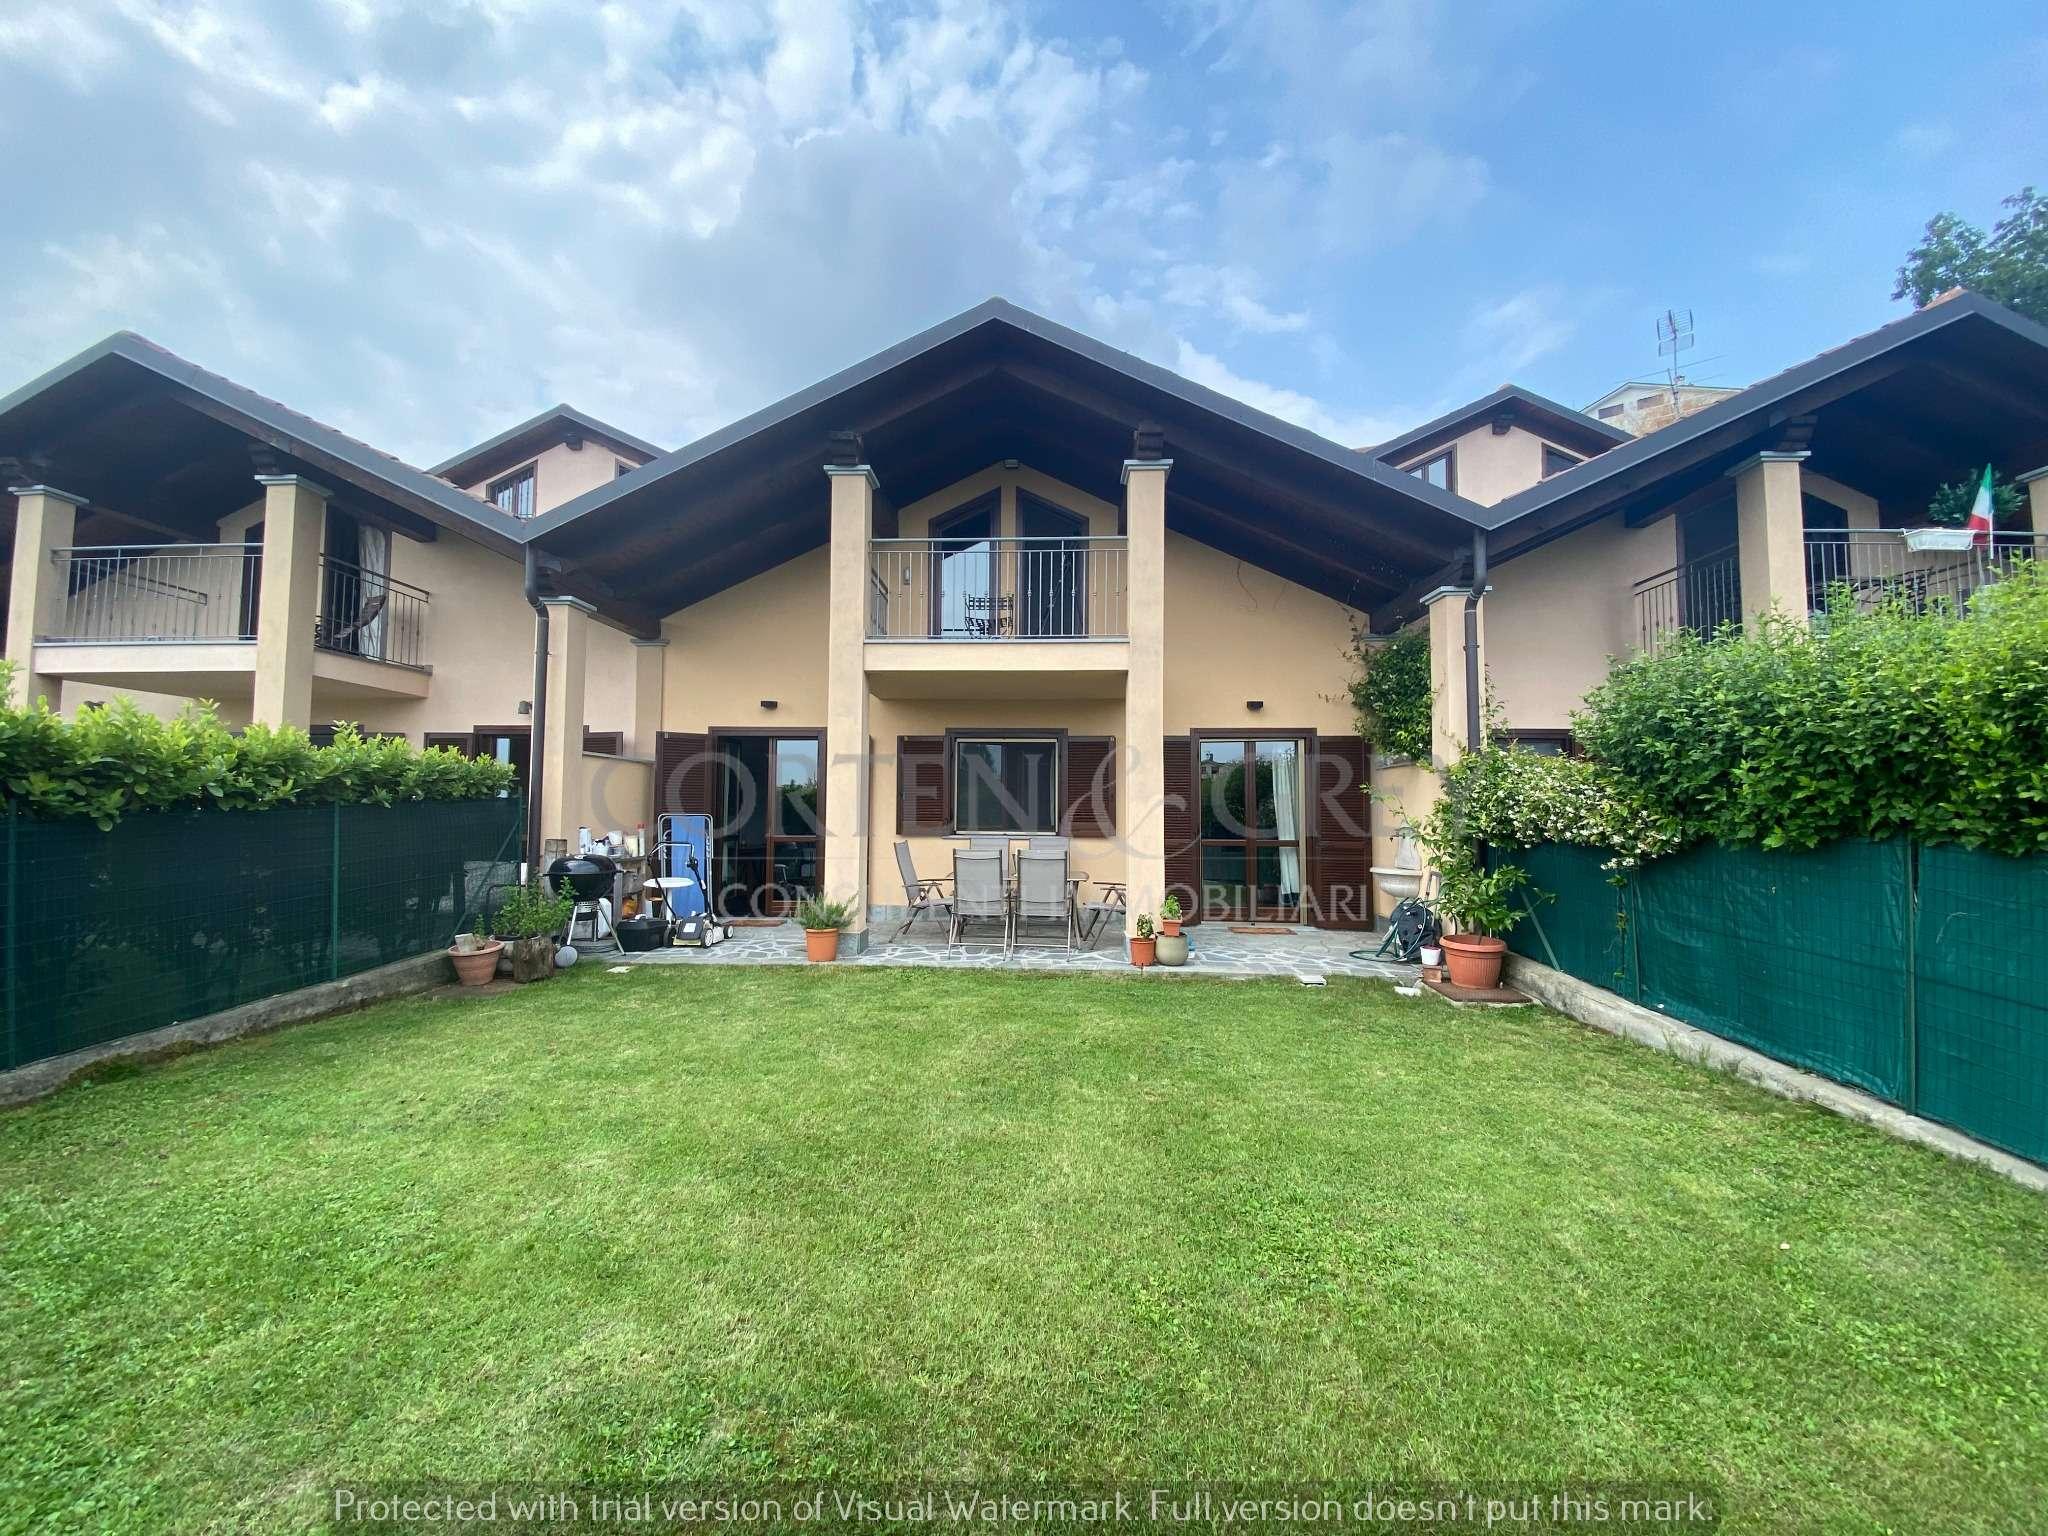 Villa in affitto a Baldissero Torinese, 6 locali, prezzo € 1.200   PortaleAgenzieImmobiliari.it